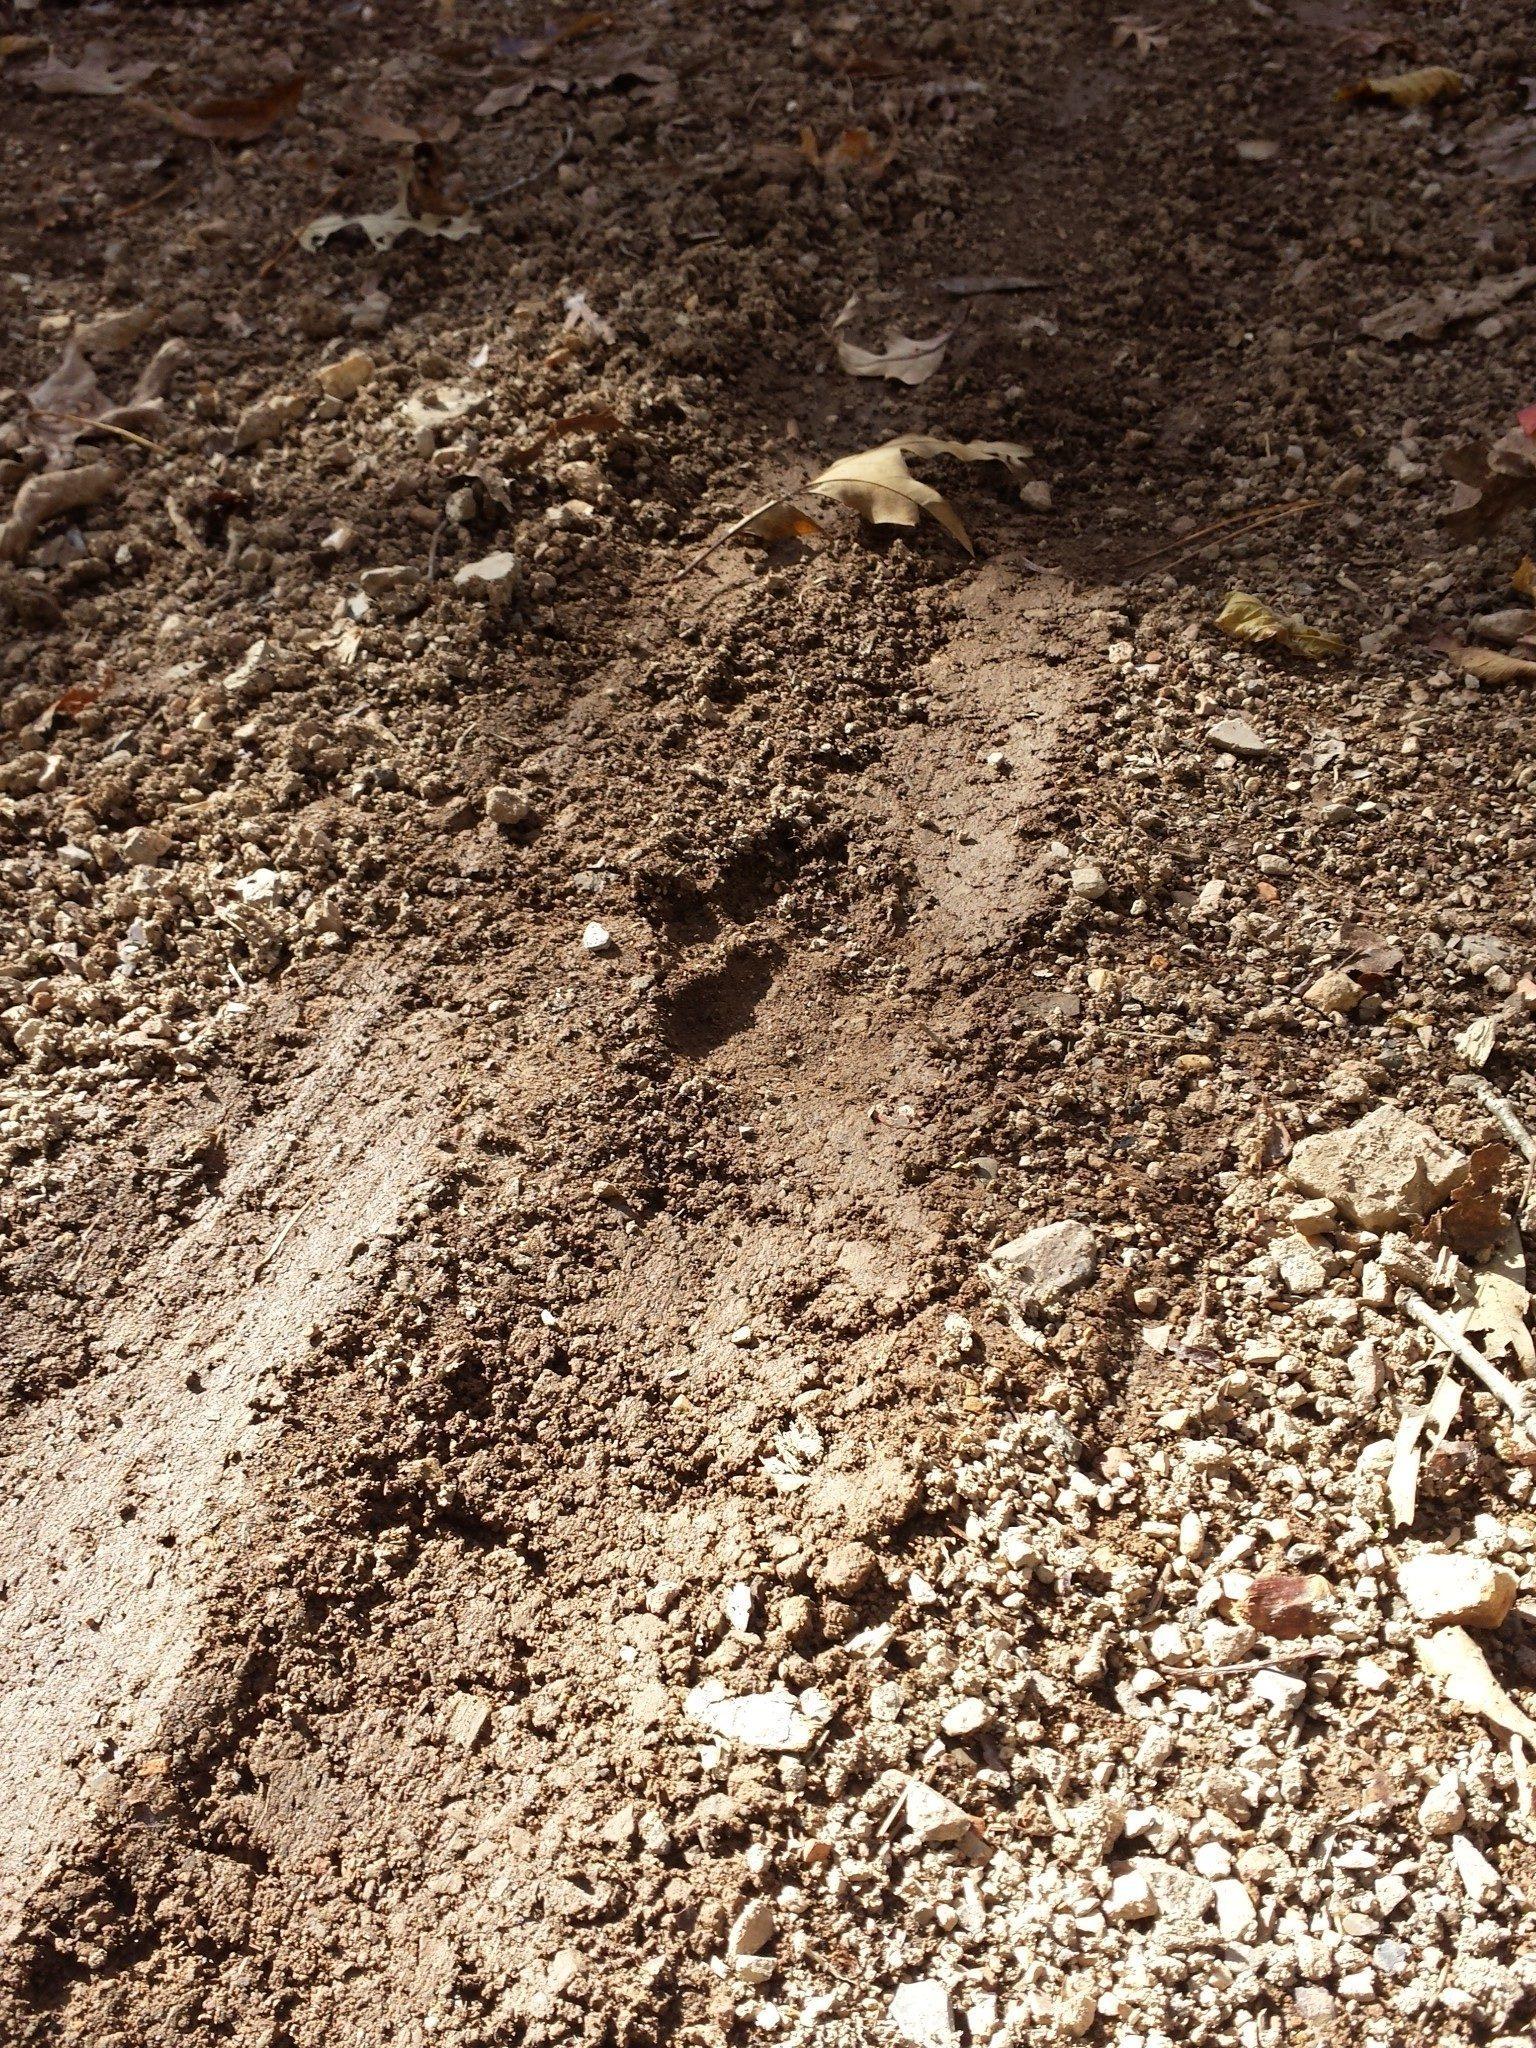 Deer hoof print on logging road